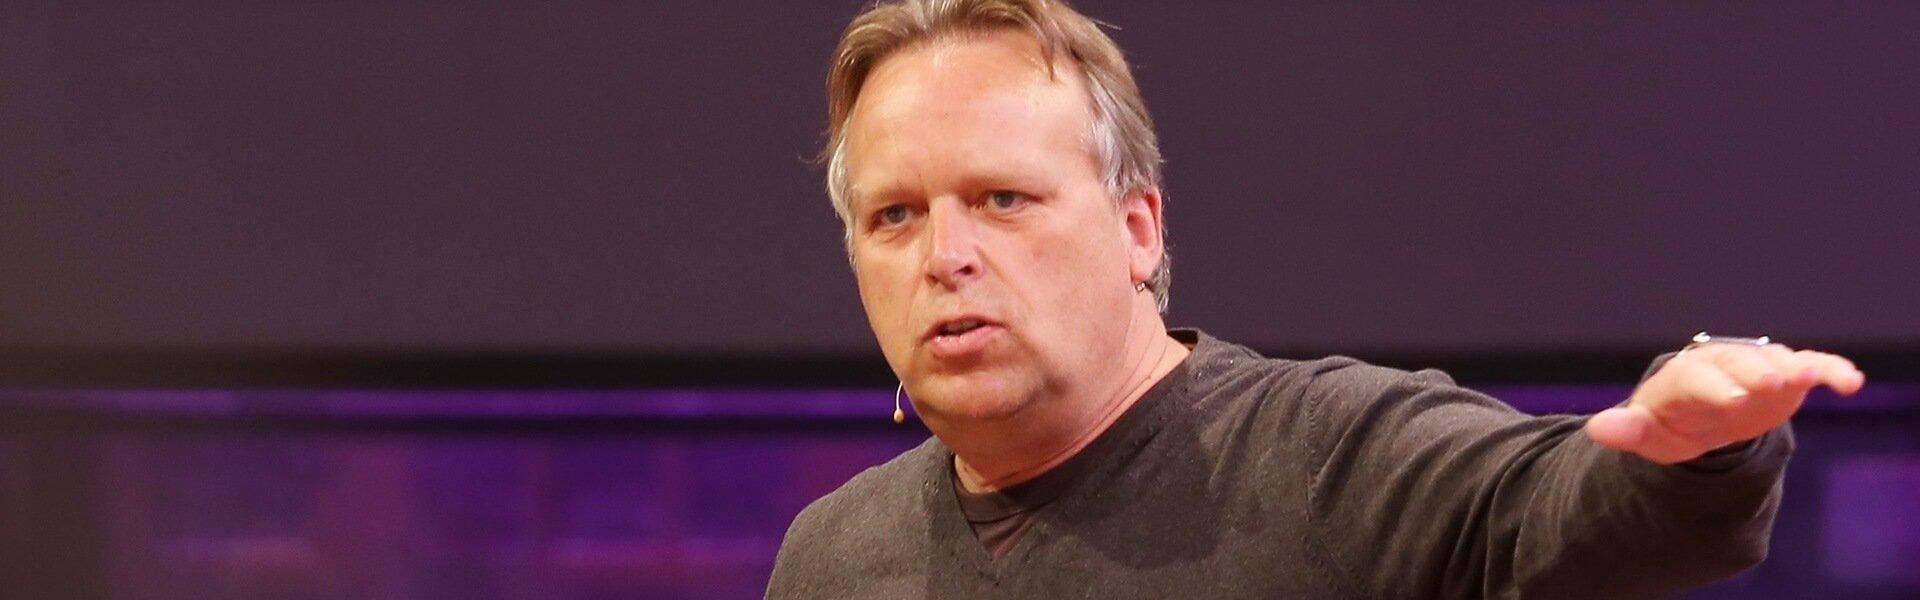 Jörg Heynkes